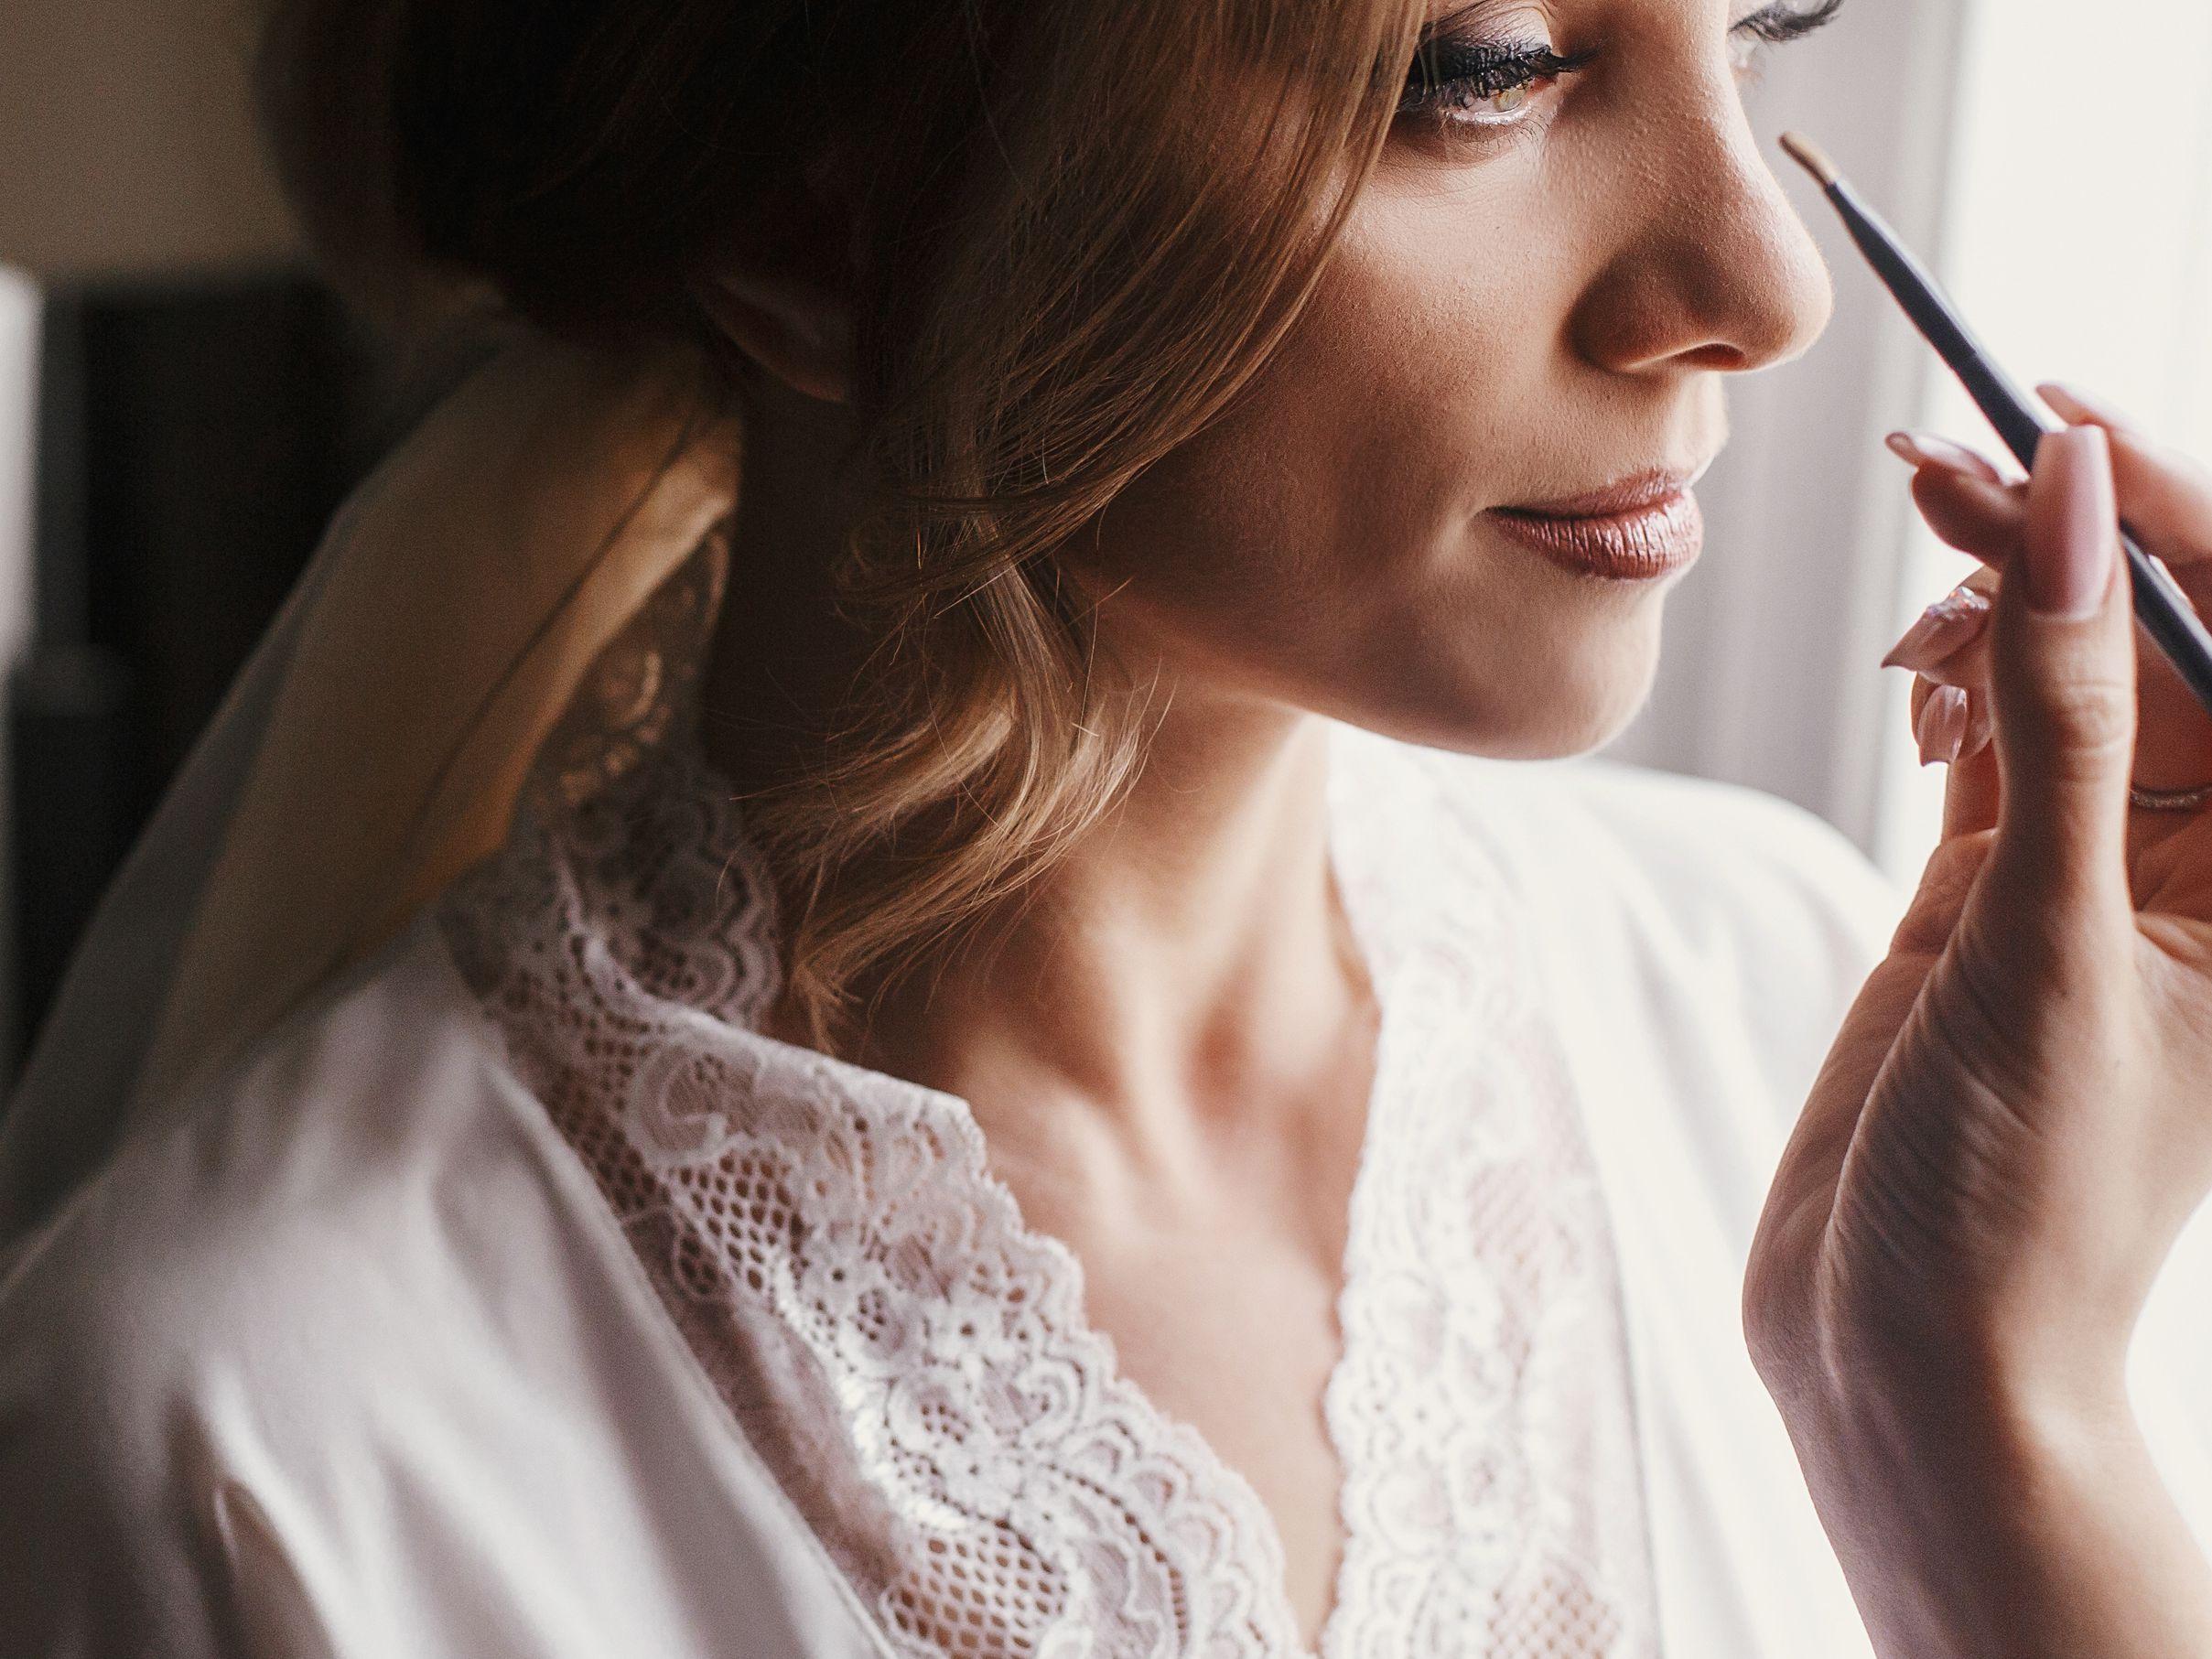 Pertimbangkan-kesesuaiannya-dengan-style-make-up-pengantin-Anda